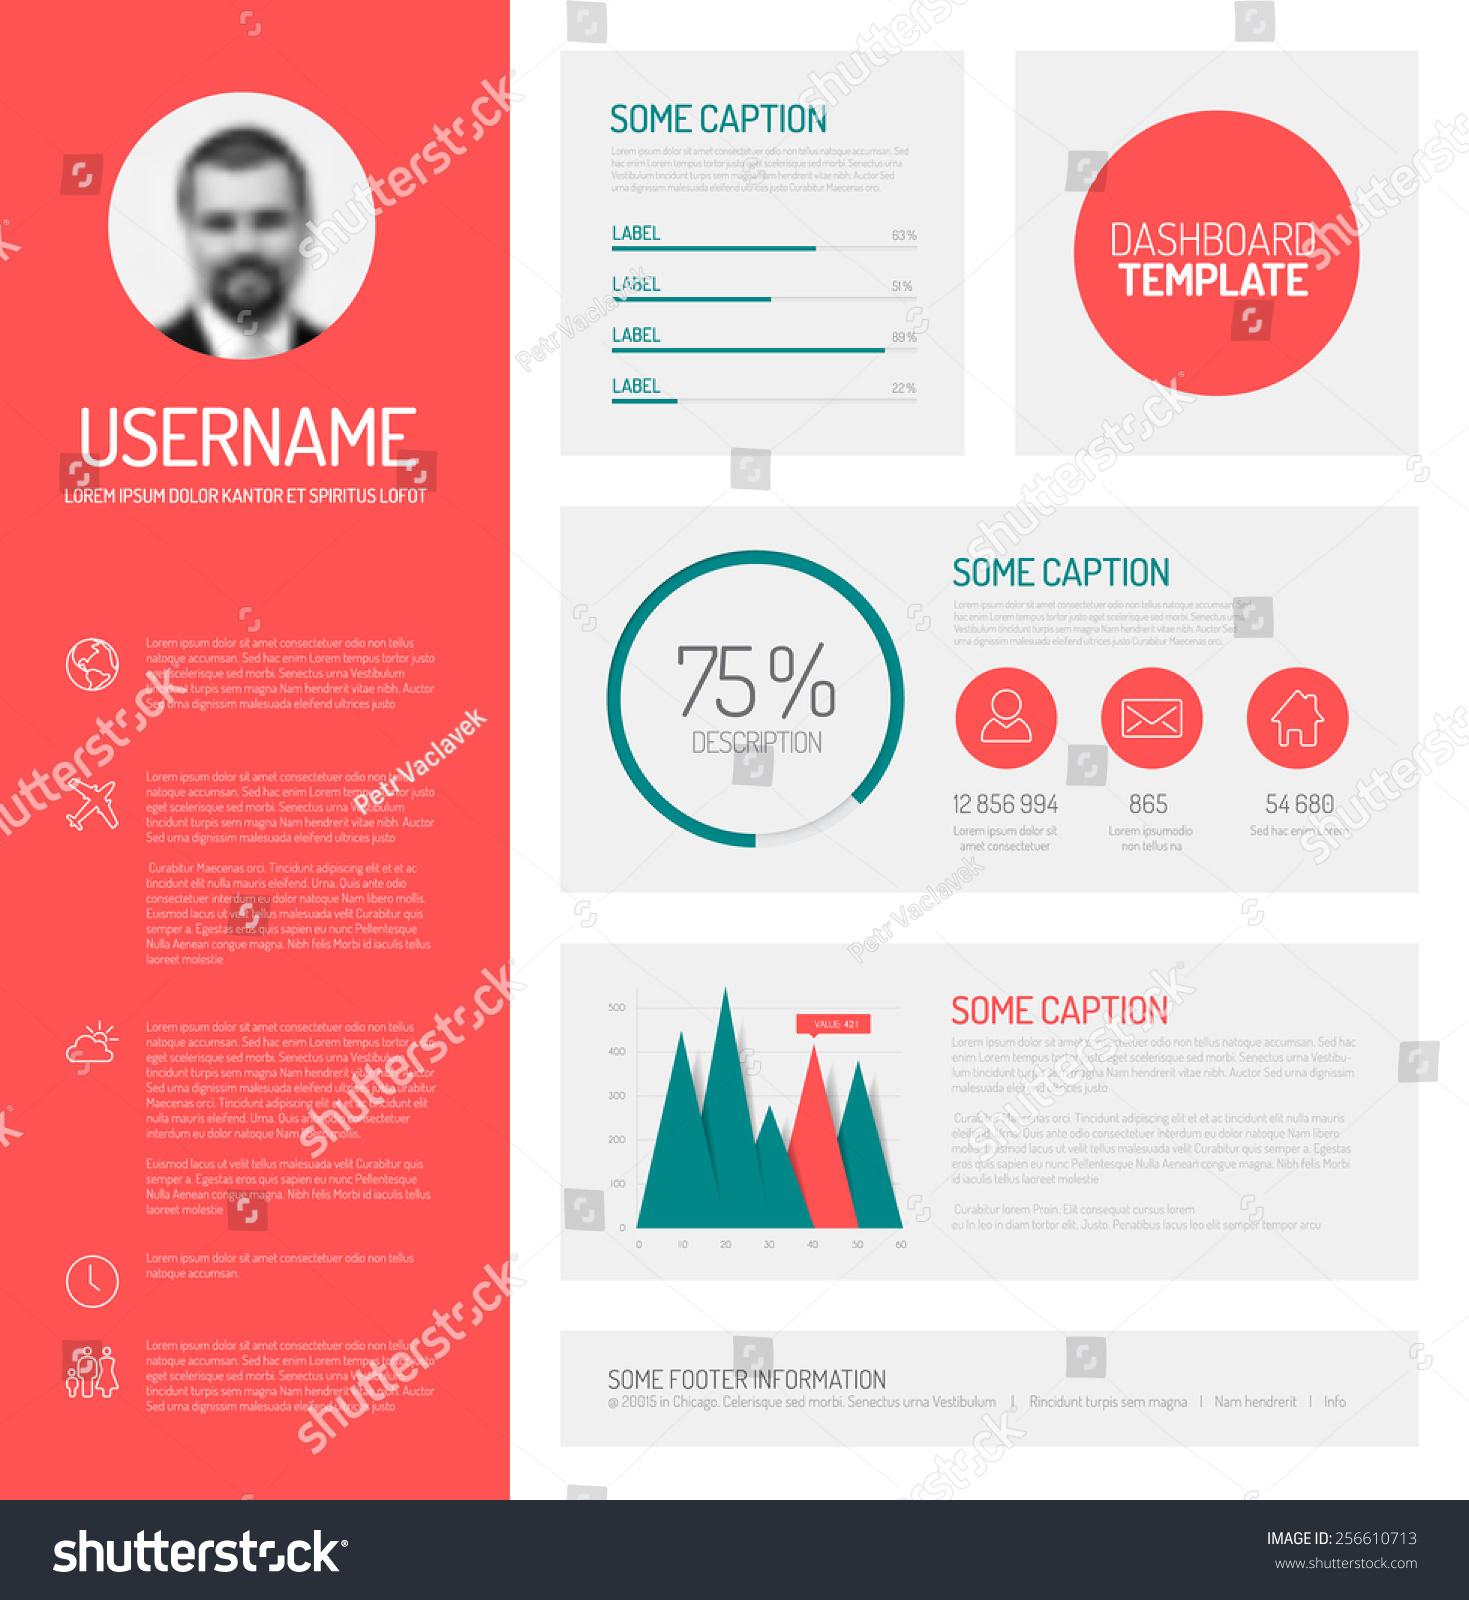 简单的概要文件指示板模板平面设计图形和图表-背景